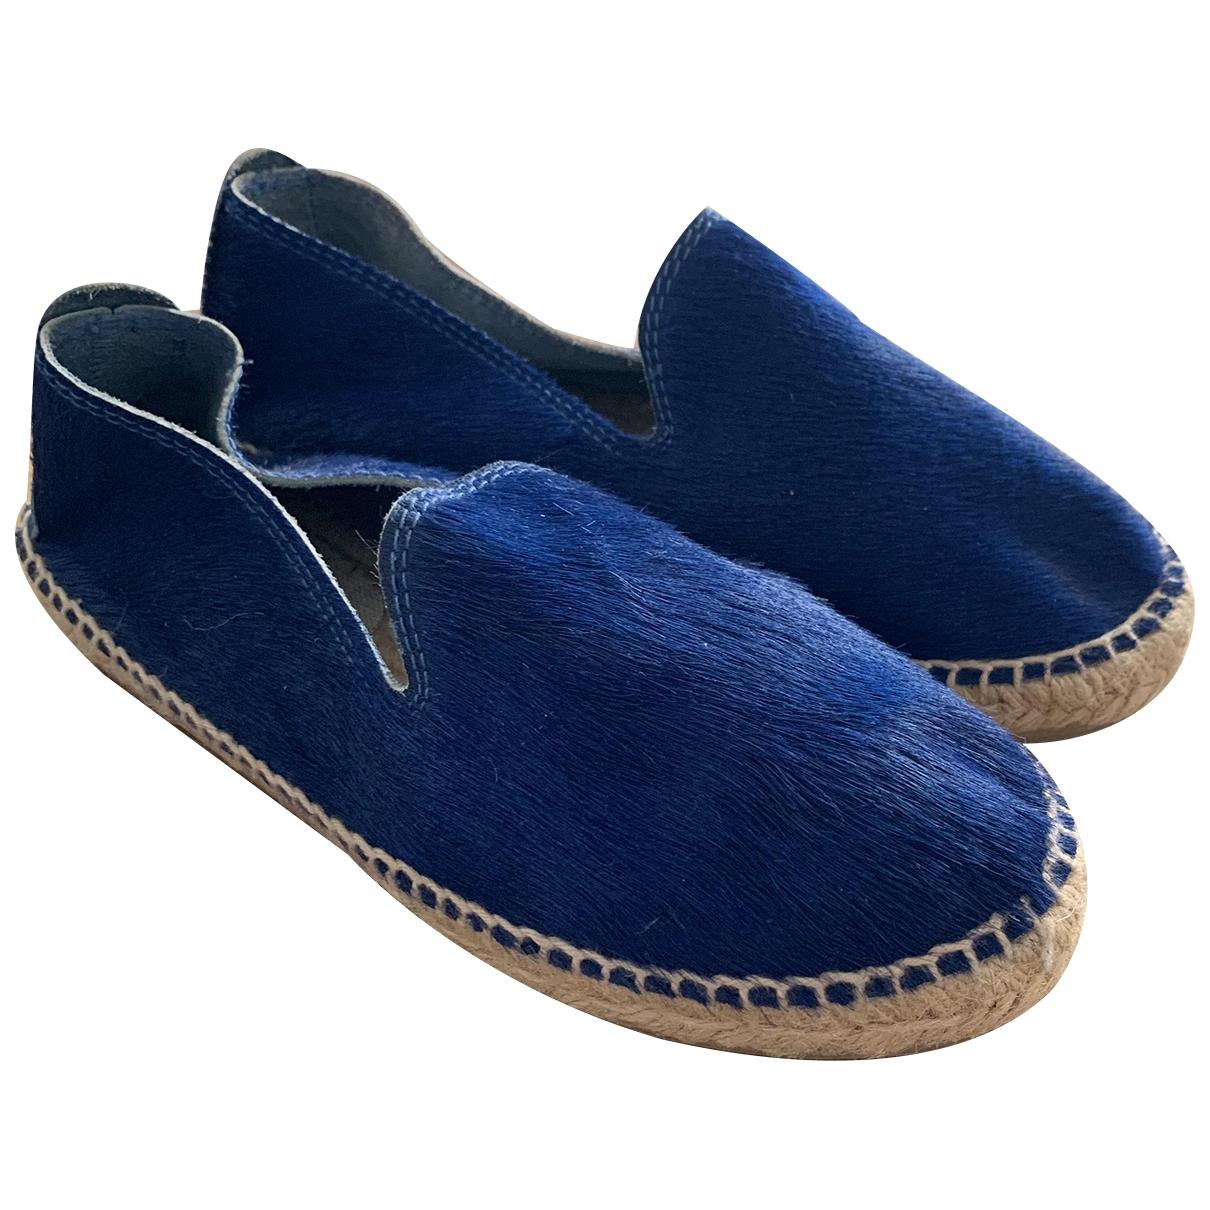 Manebi \N Ballerinas in  Blau Leder